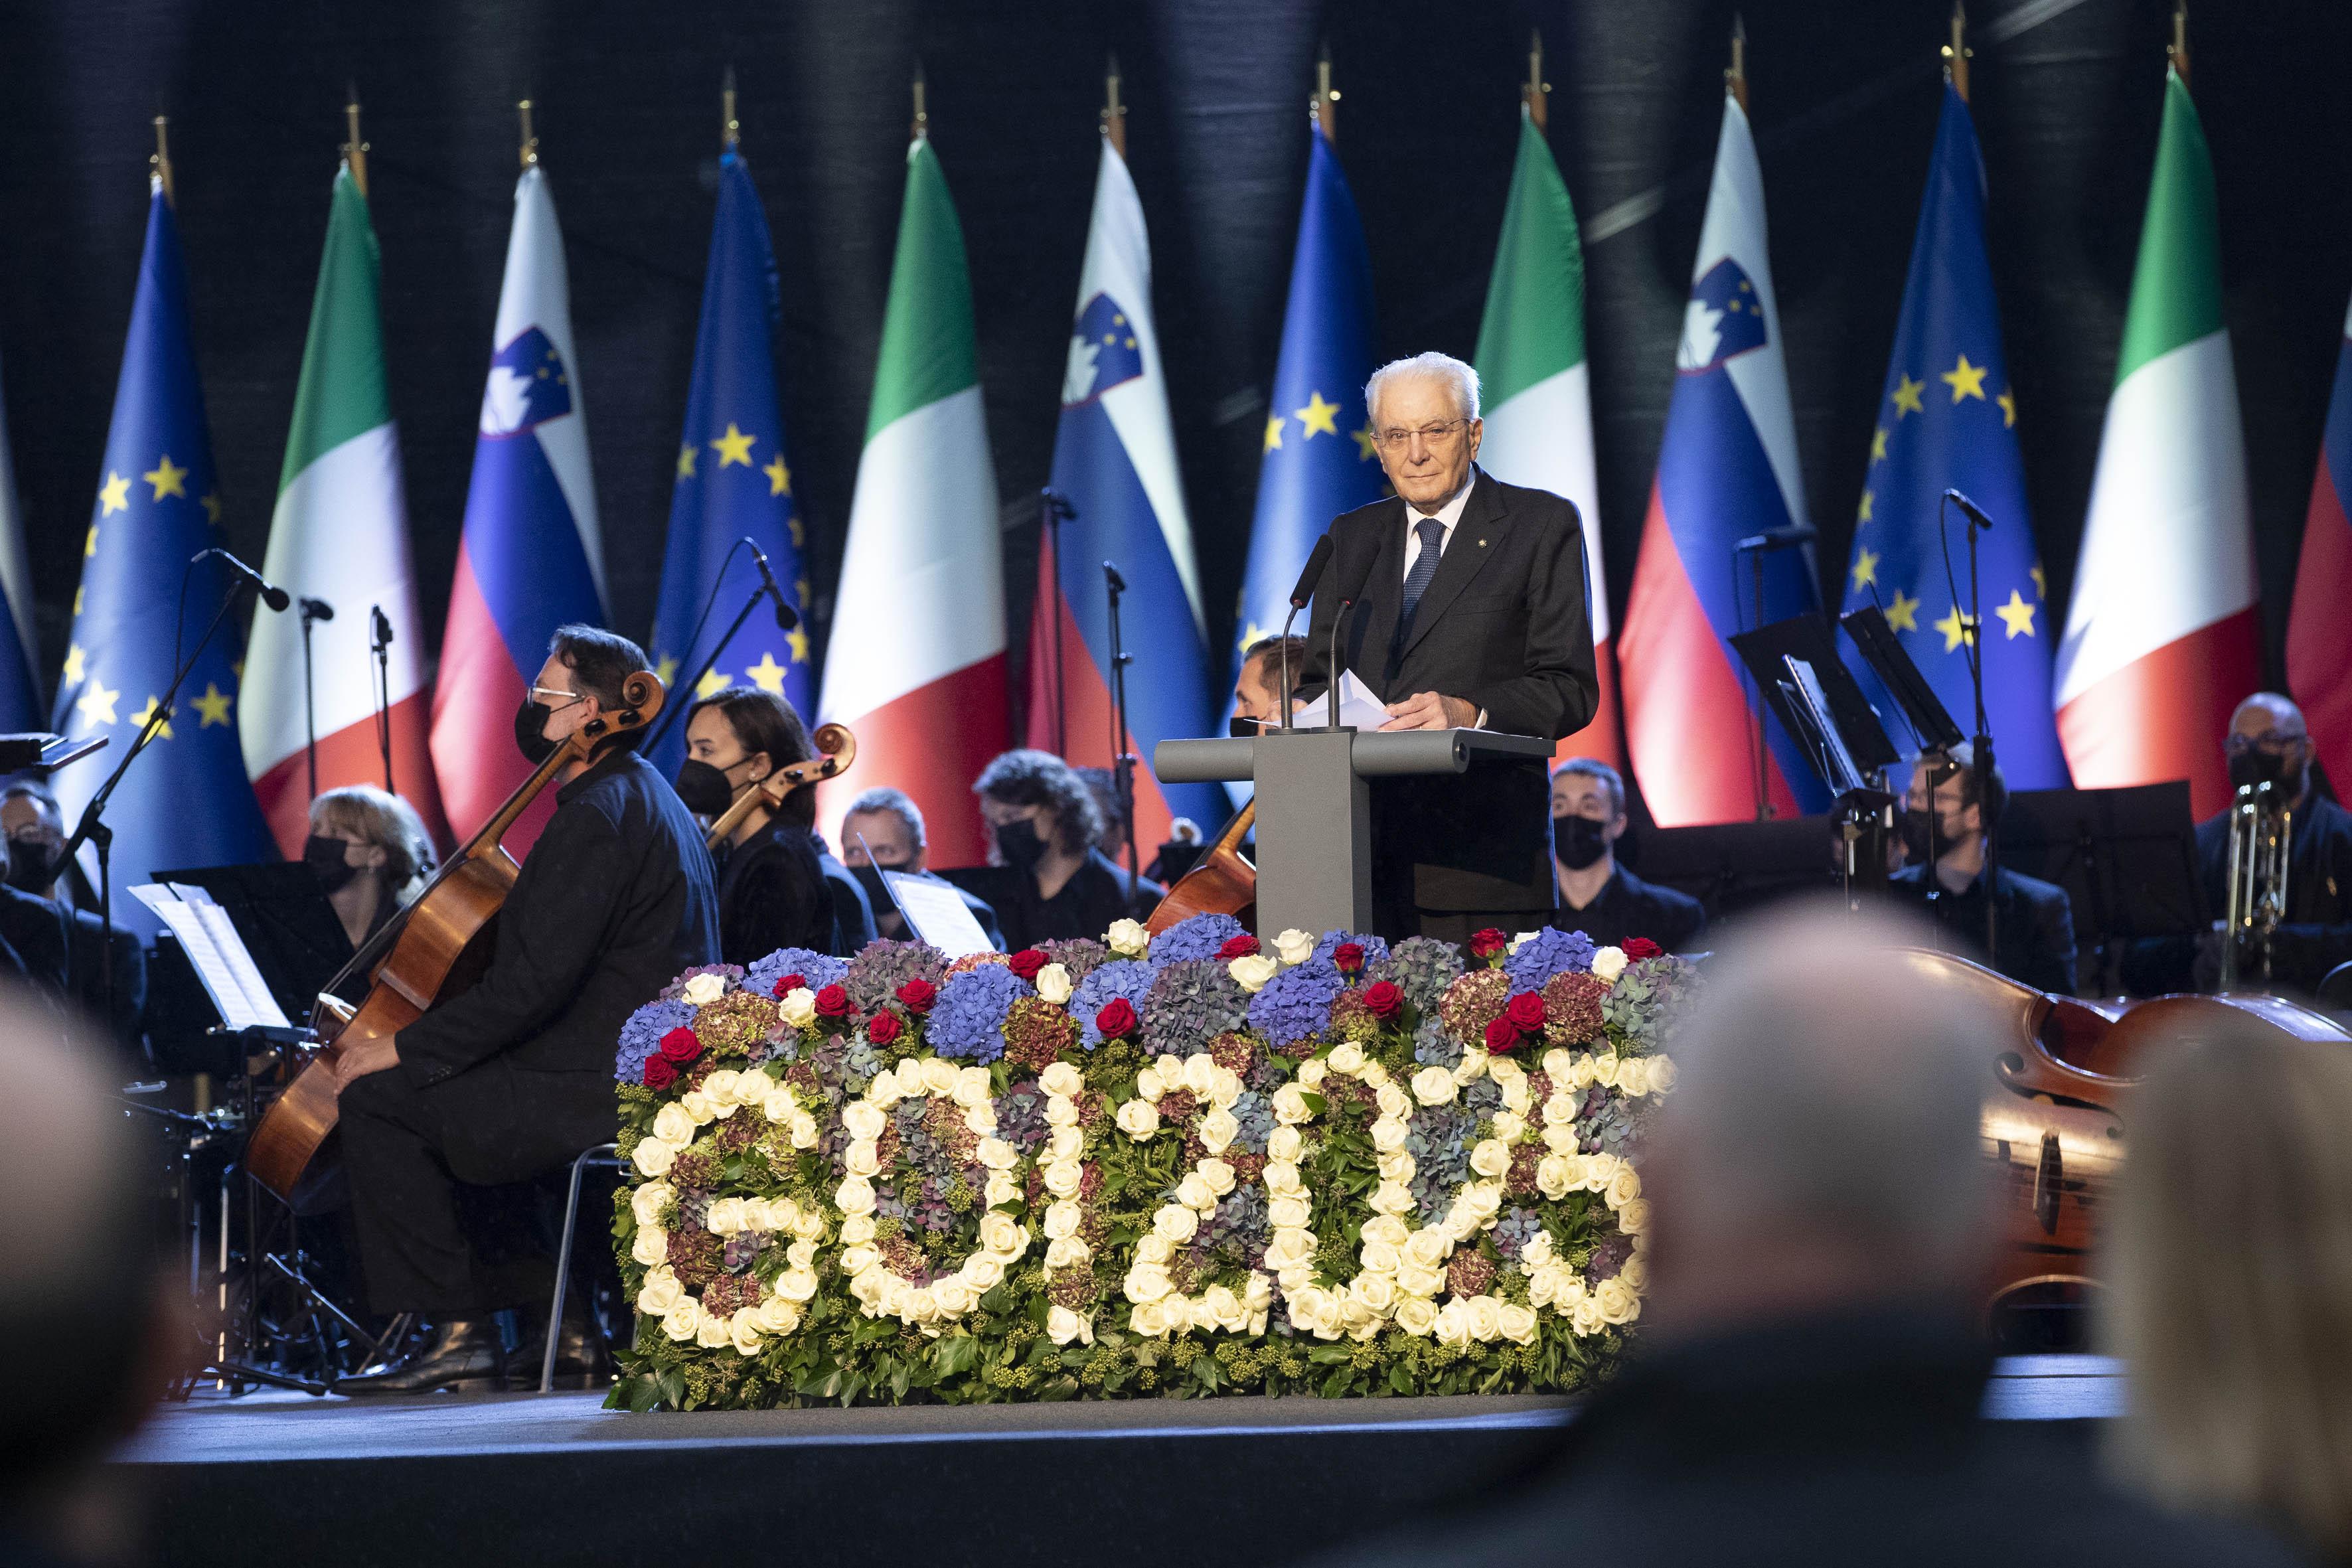 Immagine per Gorizia e Nova Gorica modello in Europa, Mattarella guarda ai Balcani